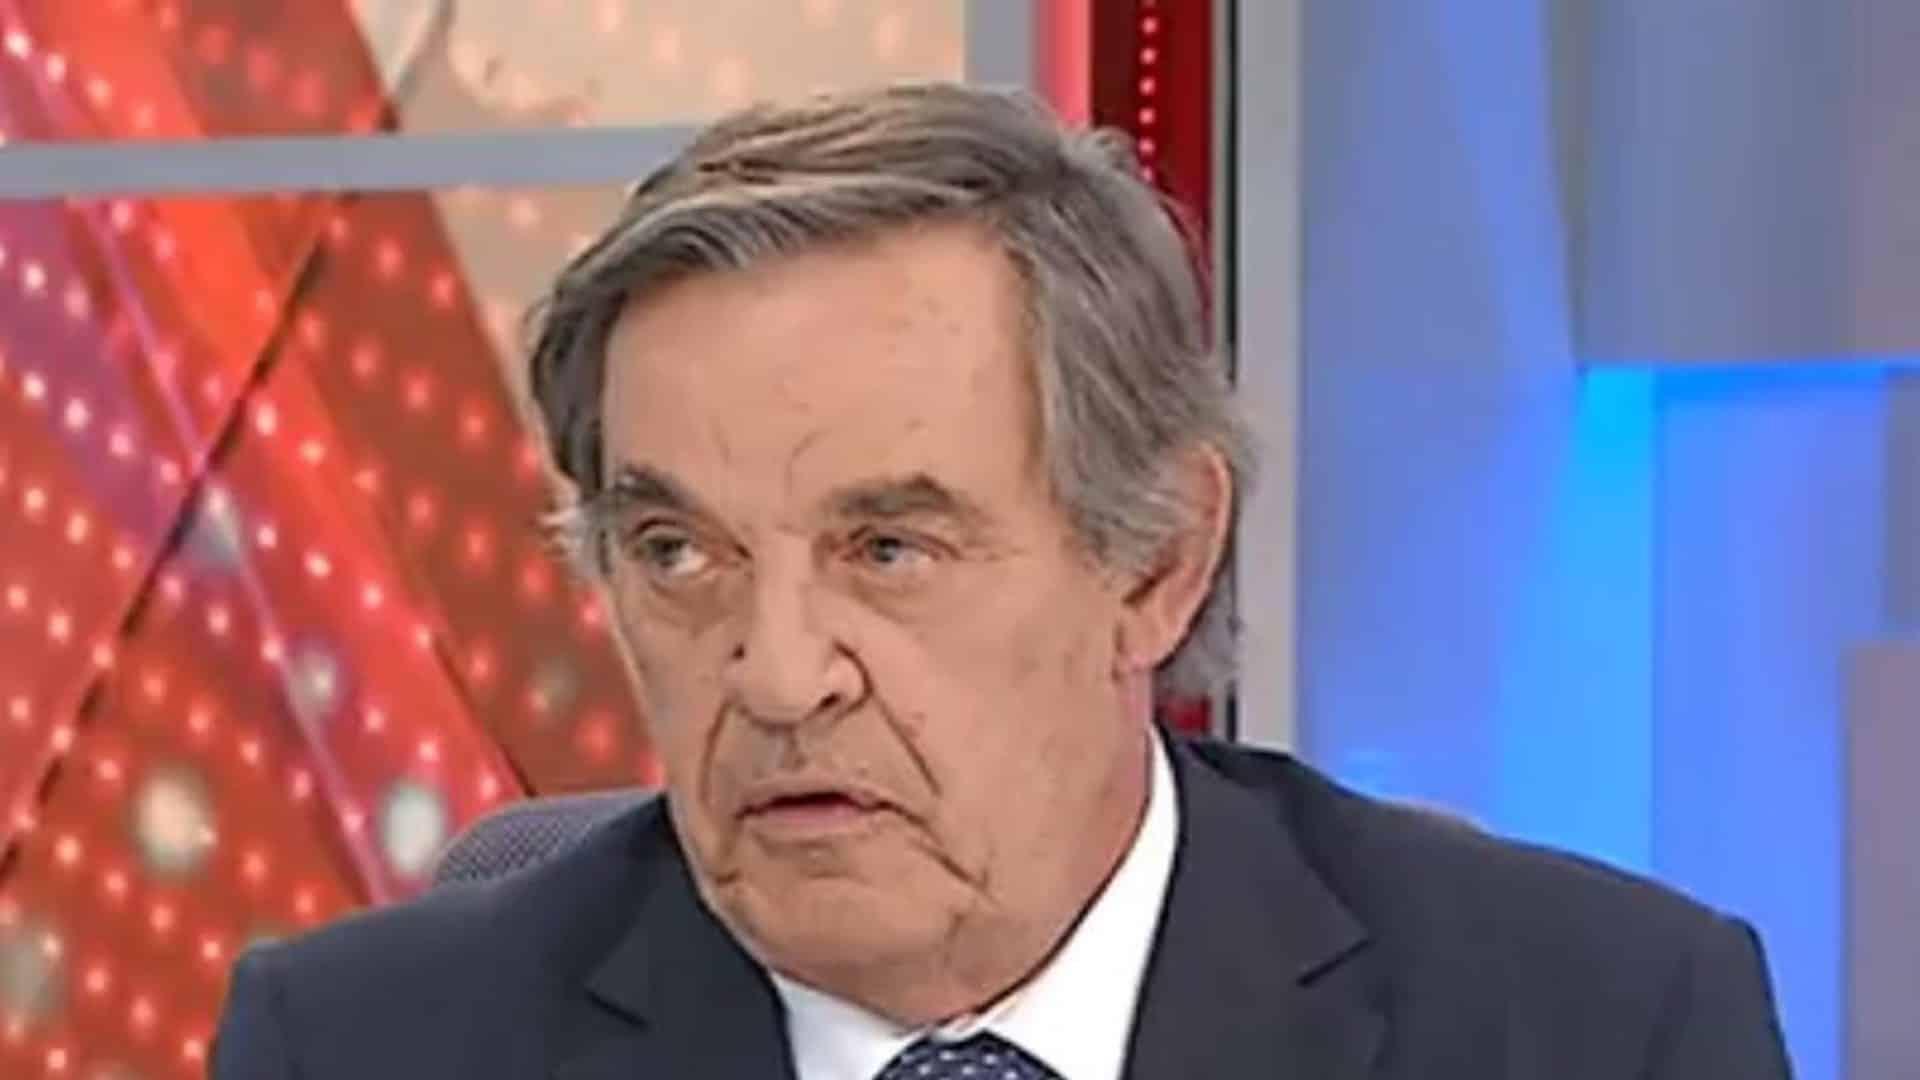 Miguel Sousa Tavares Tvi